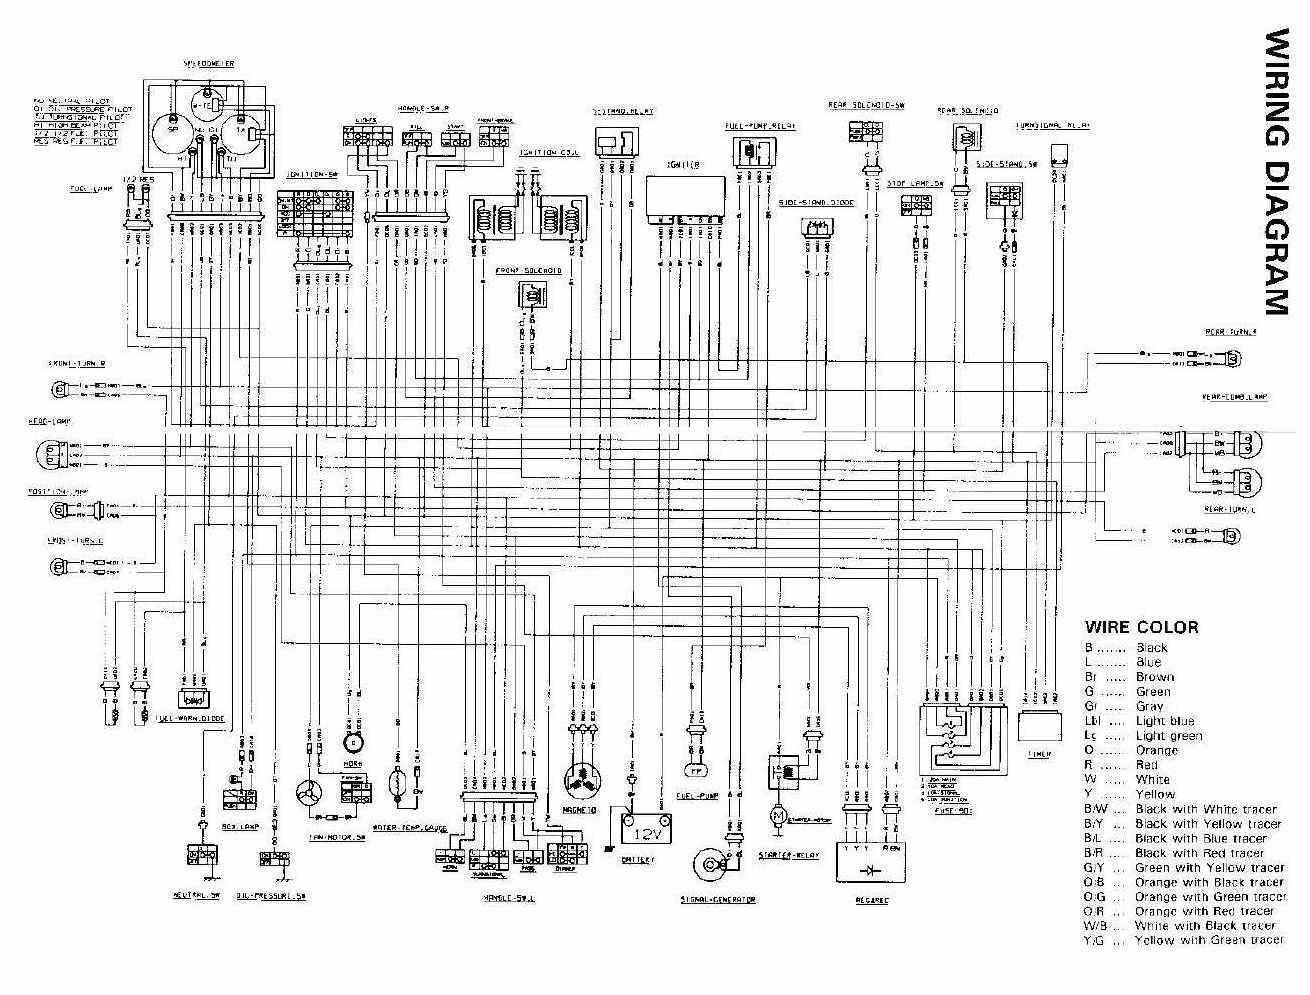 2000 suzuki intruder 1500 wiring diagram driving light 2003 gsxr